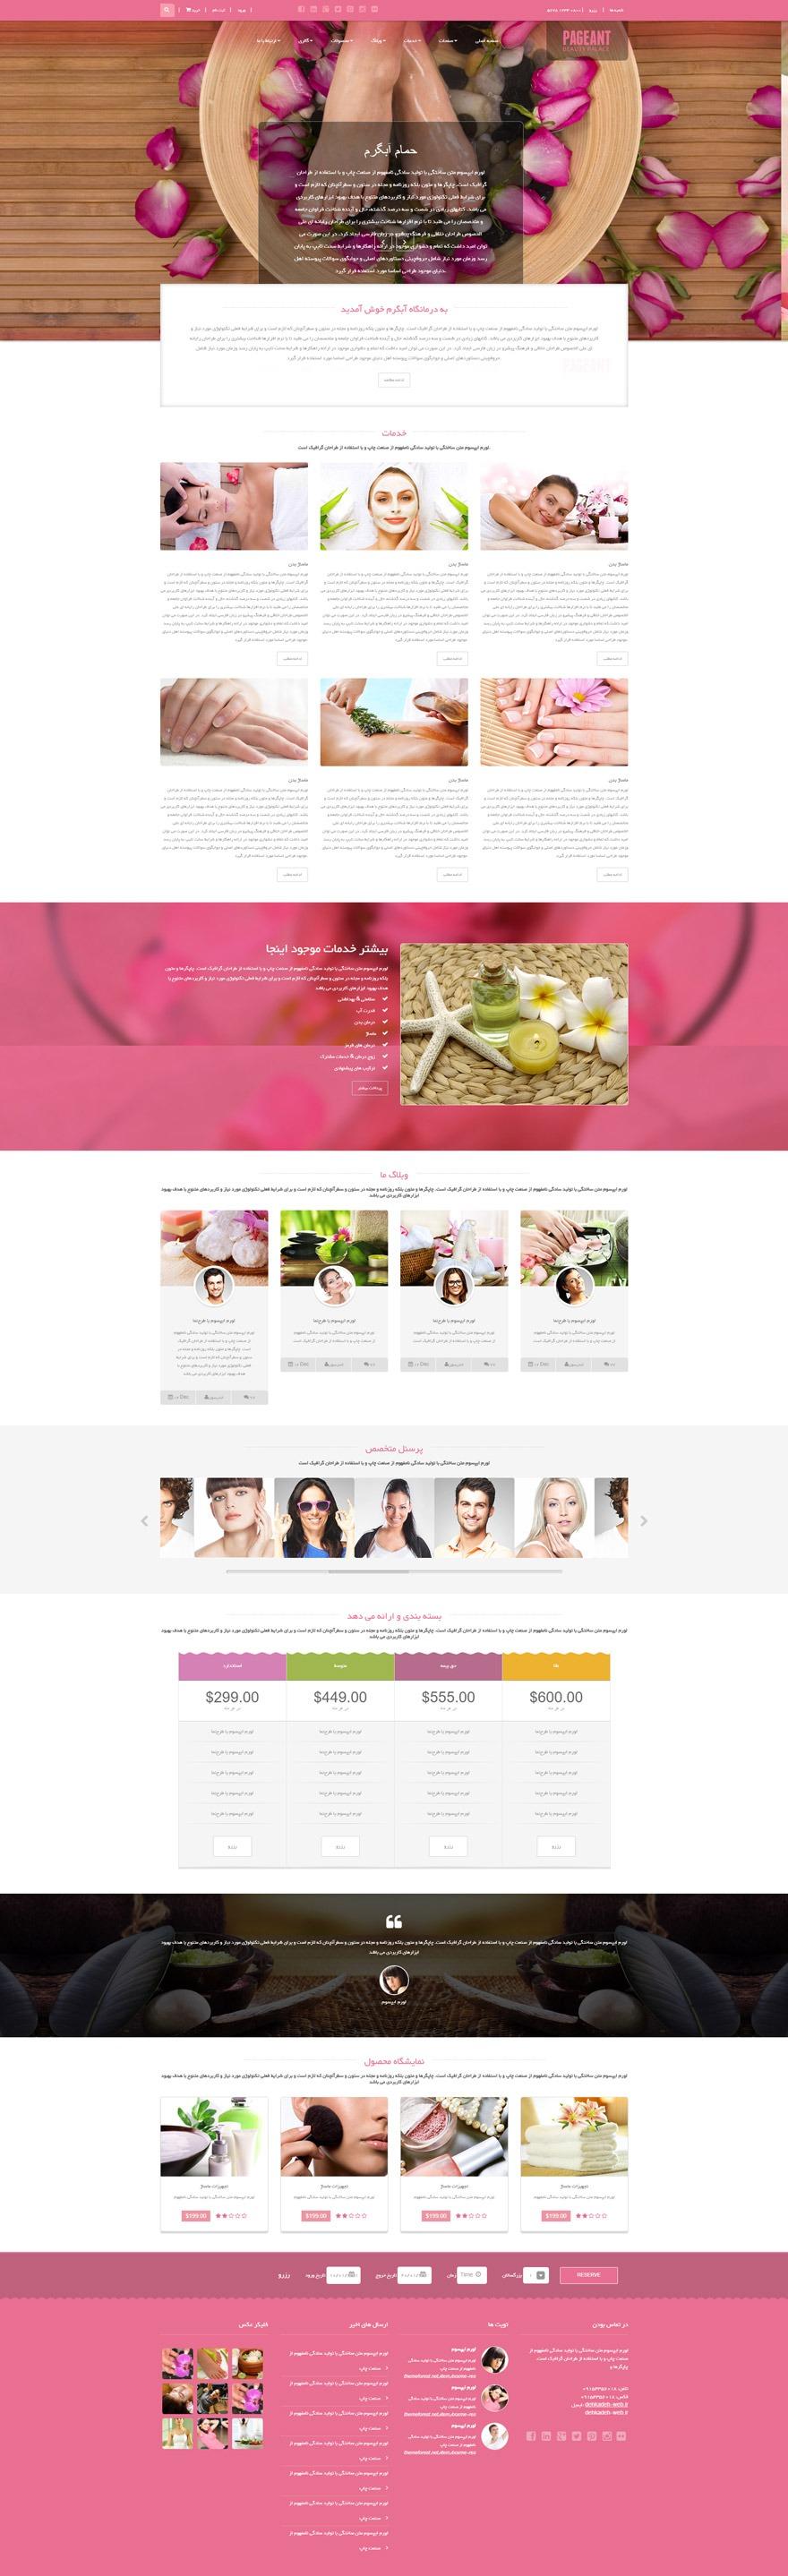 طراحی سایت خدمات ماساژ